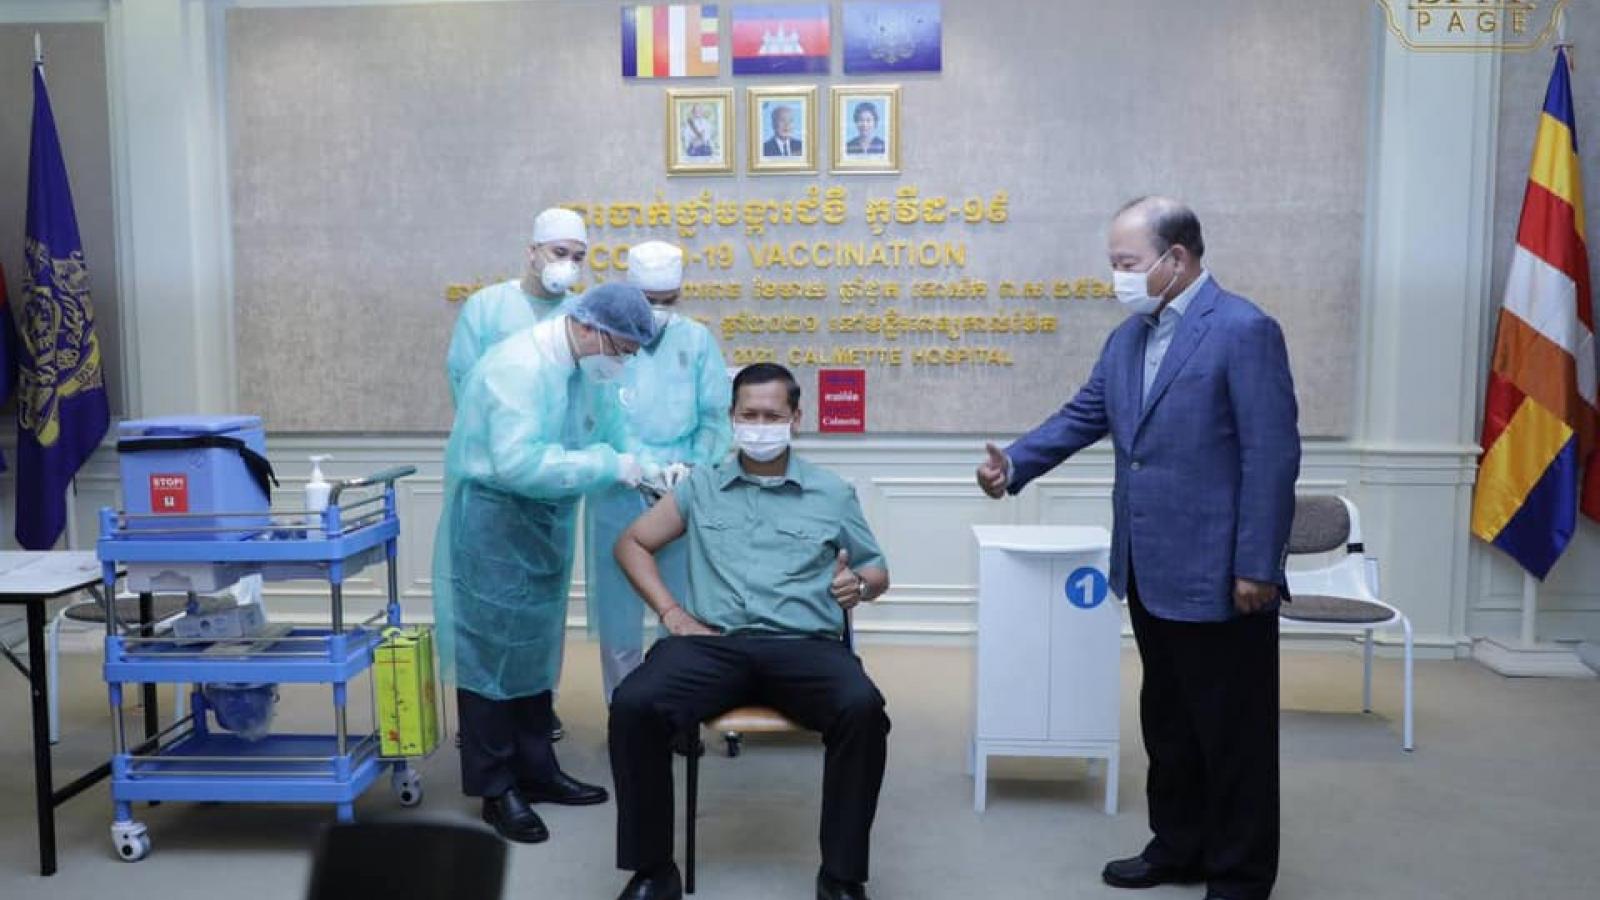 Campuchia chính thức triển khaitiêm vaccine ngừa Covid-19trên diện rộng